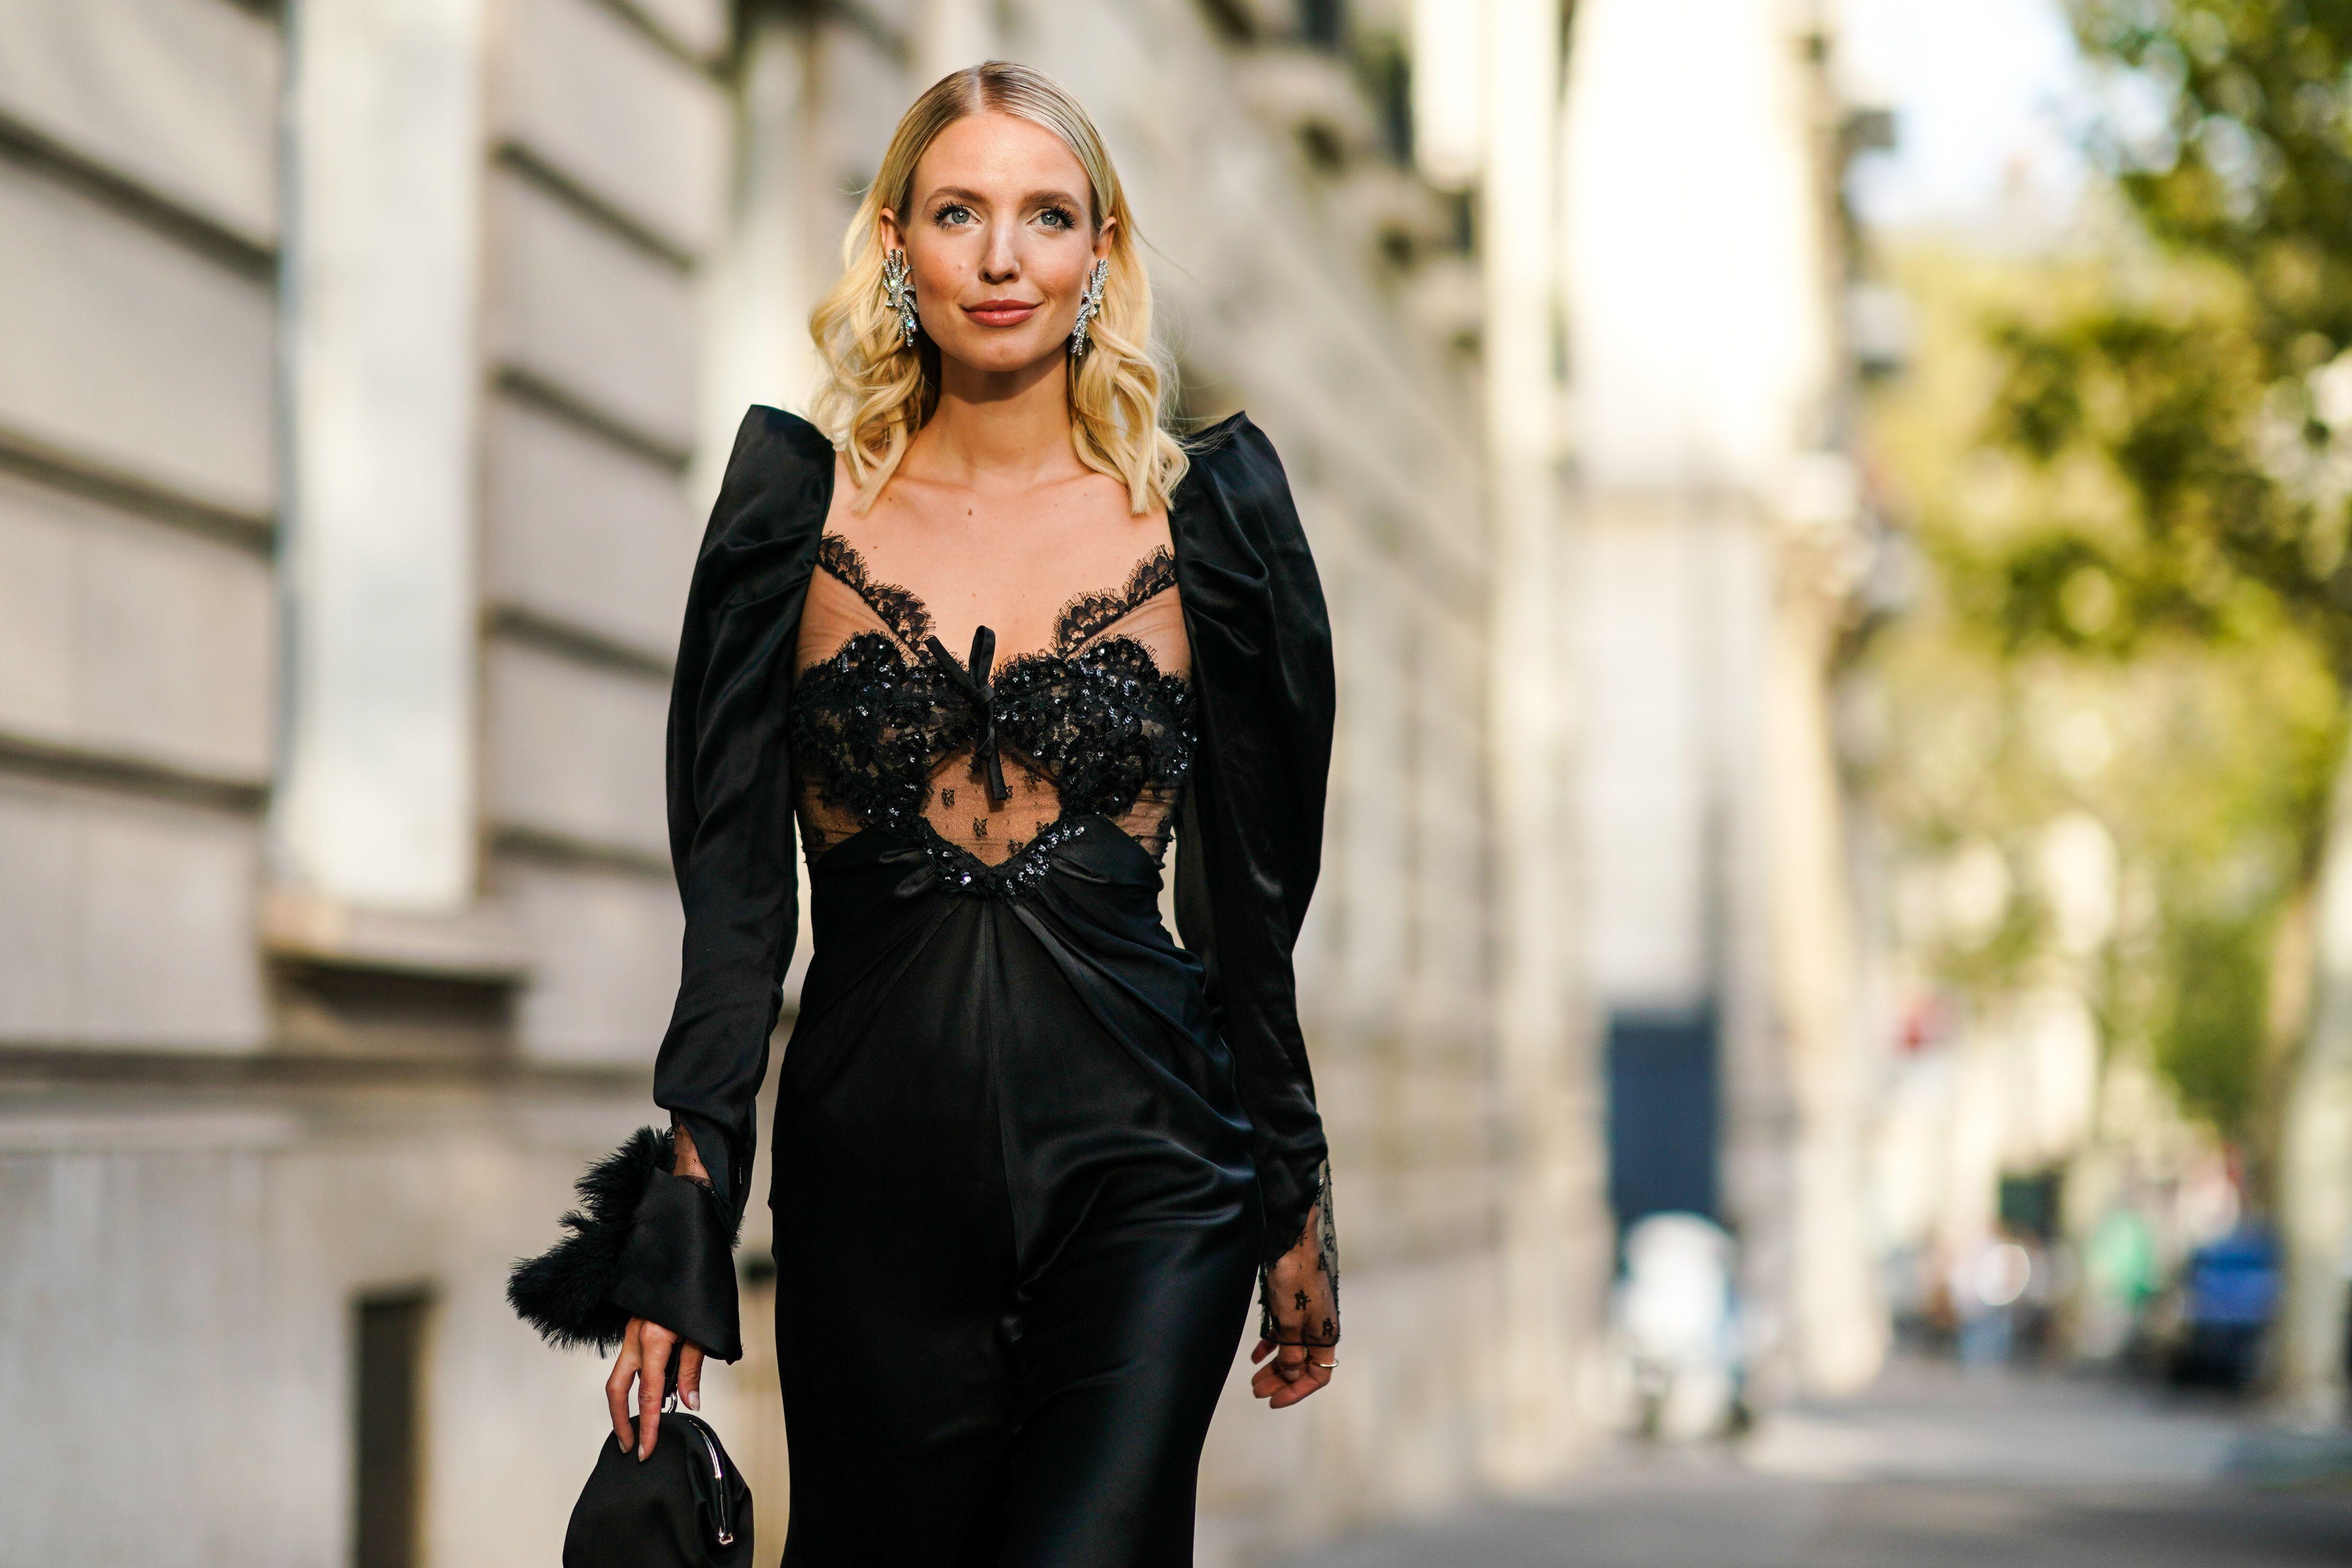 Vestiti Eleganti Firmati.6 Abiti Eleganti Moda Autunno Inverno 2019 2020 Per Tutti I Budget